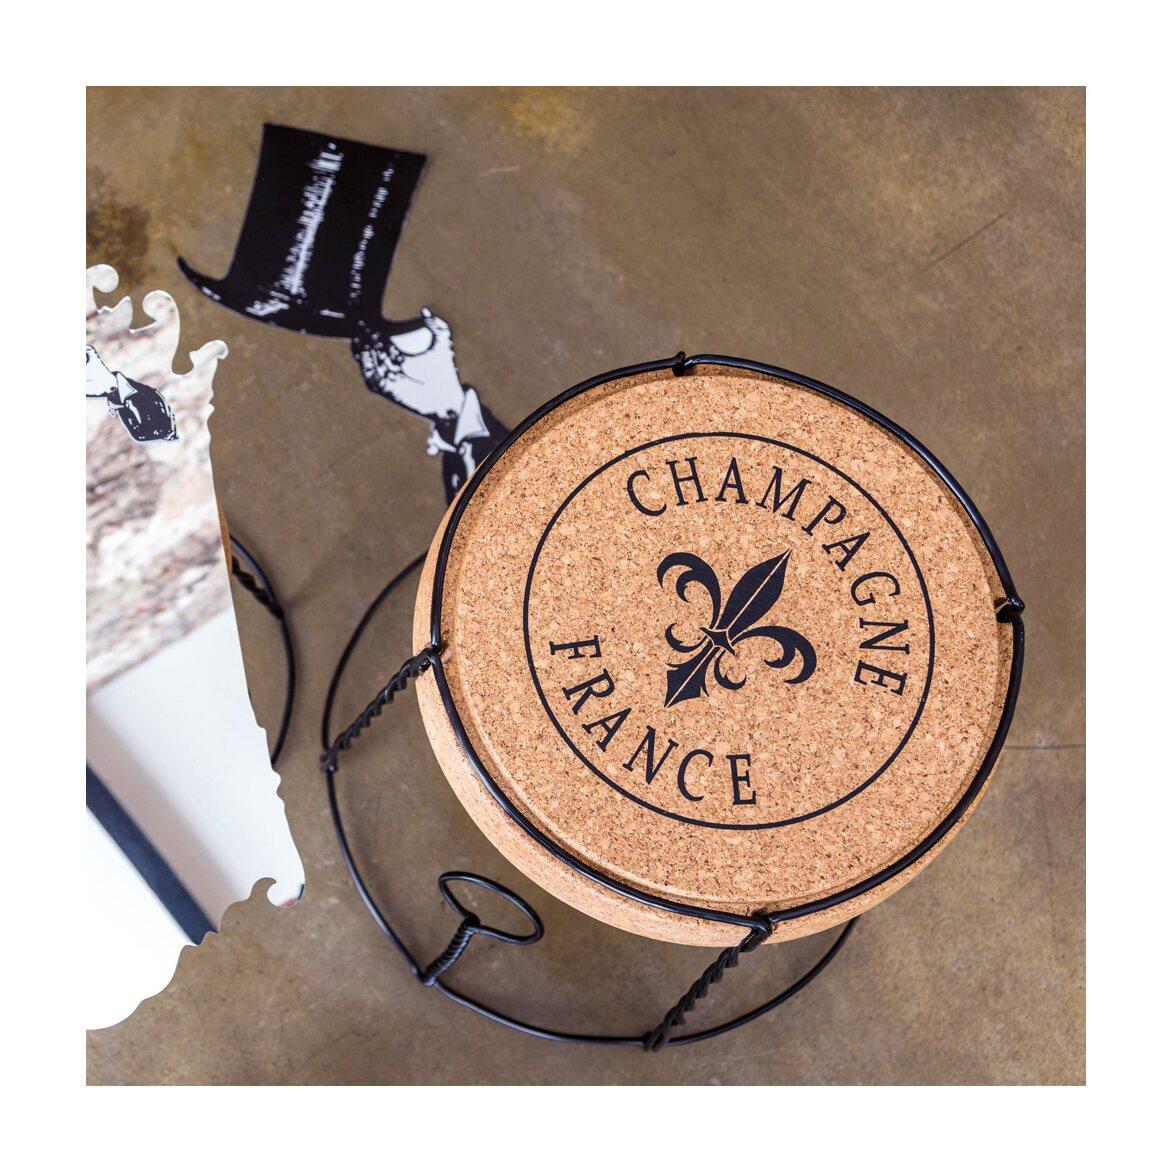 Столик «Champagne France», версия L 8 | Кофейные столики Kingsby